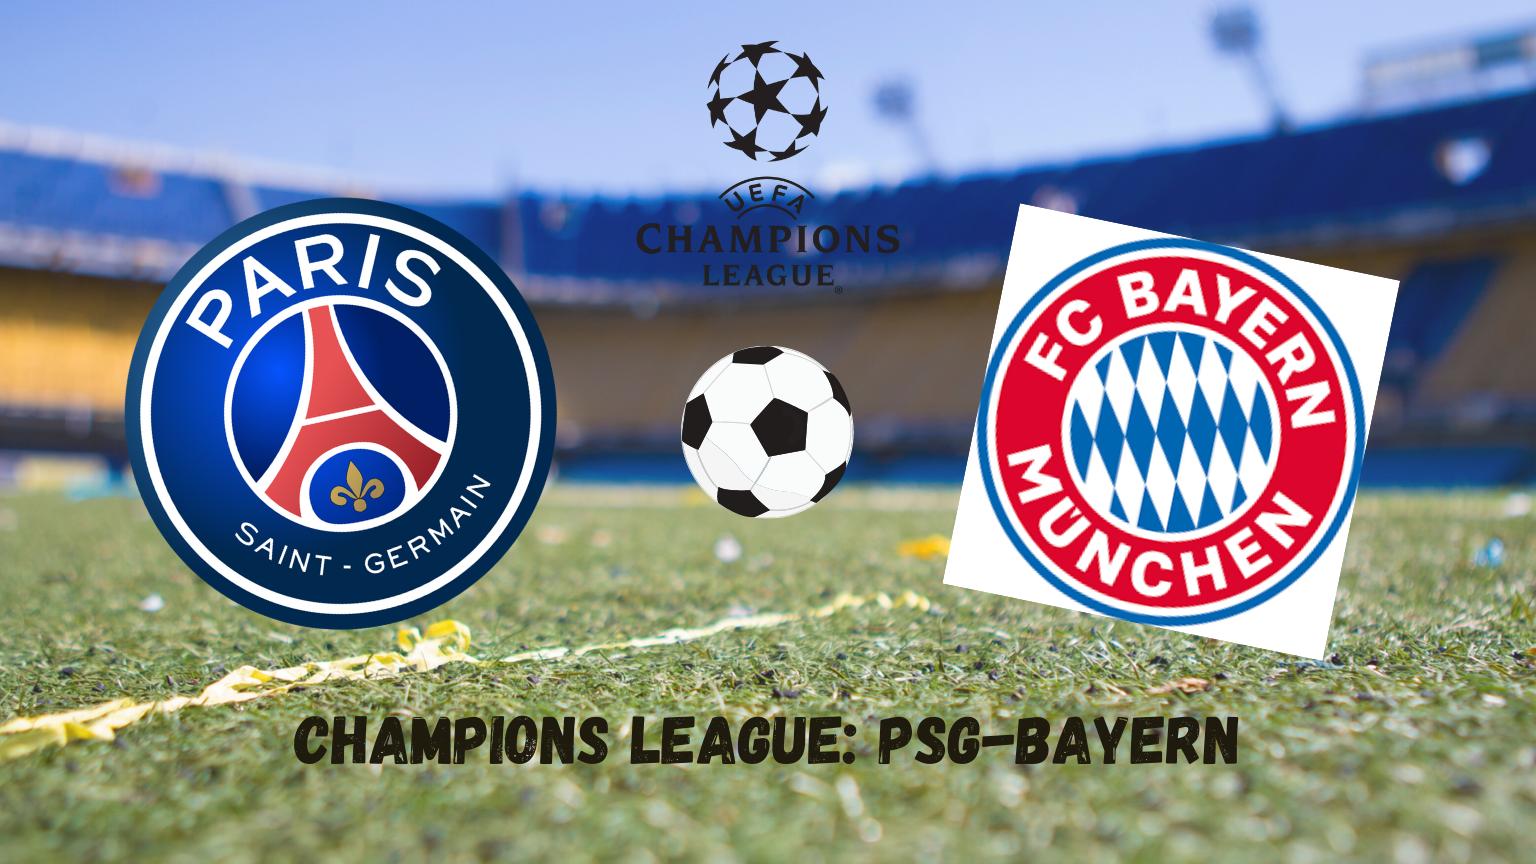 Pronostici Champions League: PSG-Bayern